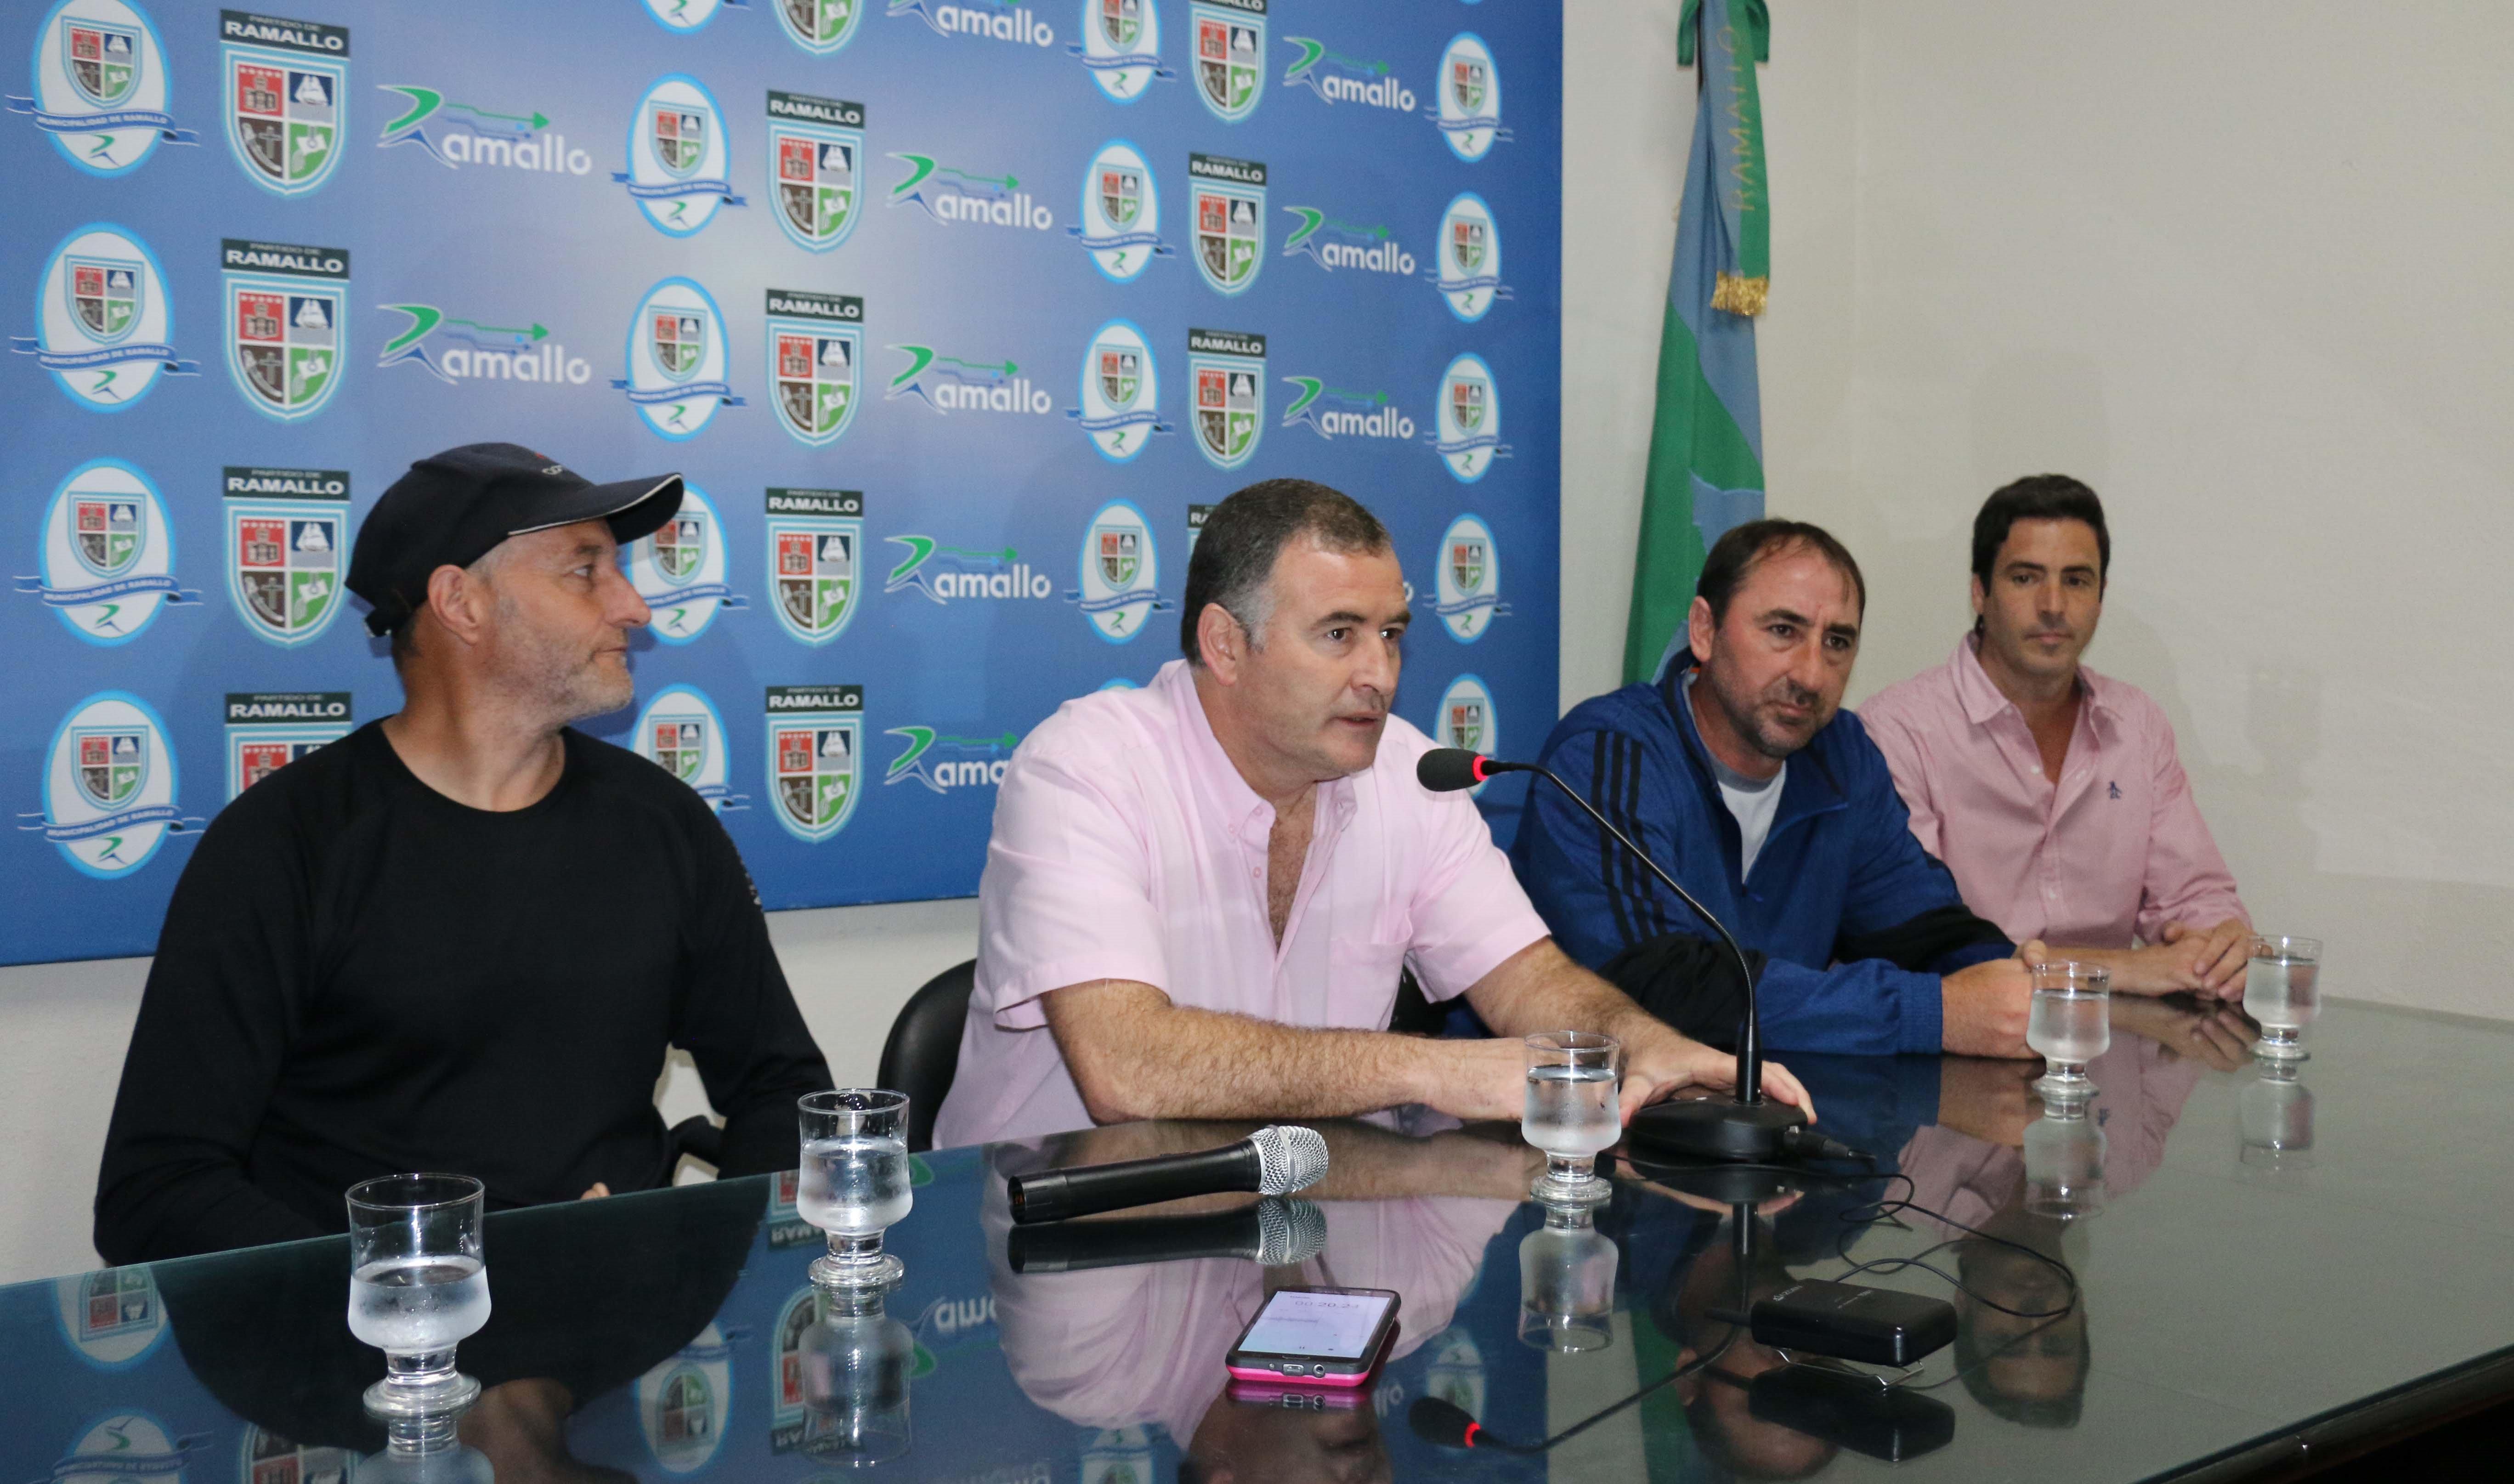 El intendente Mauro David Poletti realizó la presentación de lo que será el cierre del Salomón K21 Series Copa Optitech que repite el escenario en las playas del Paraná.